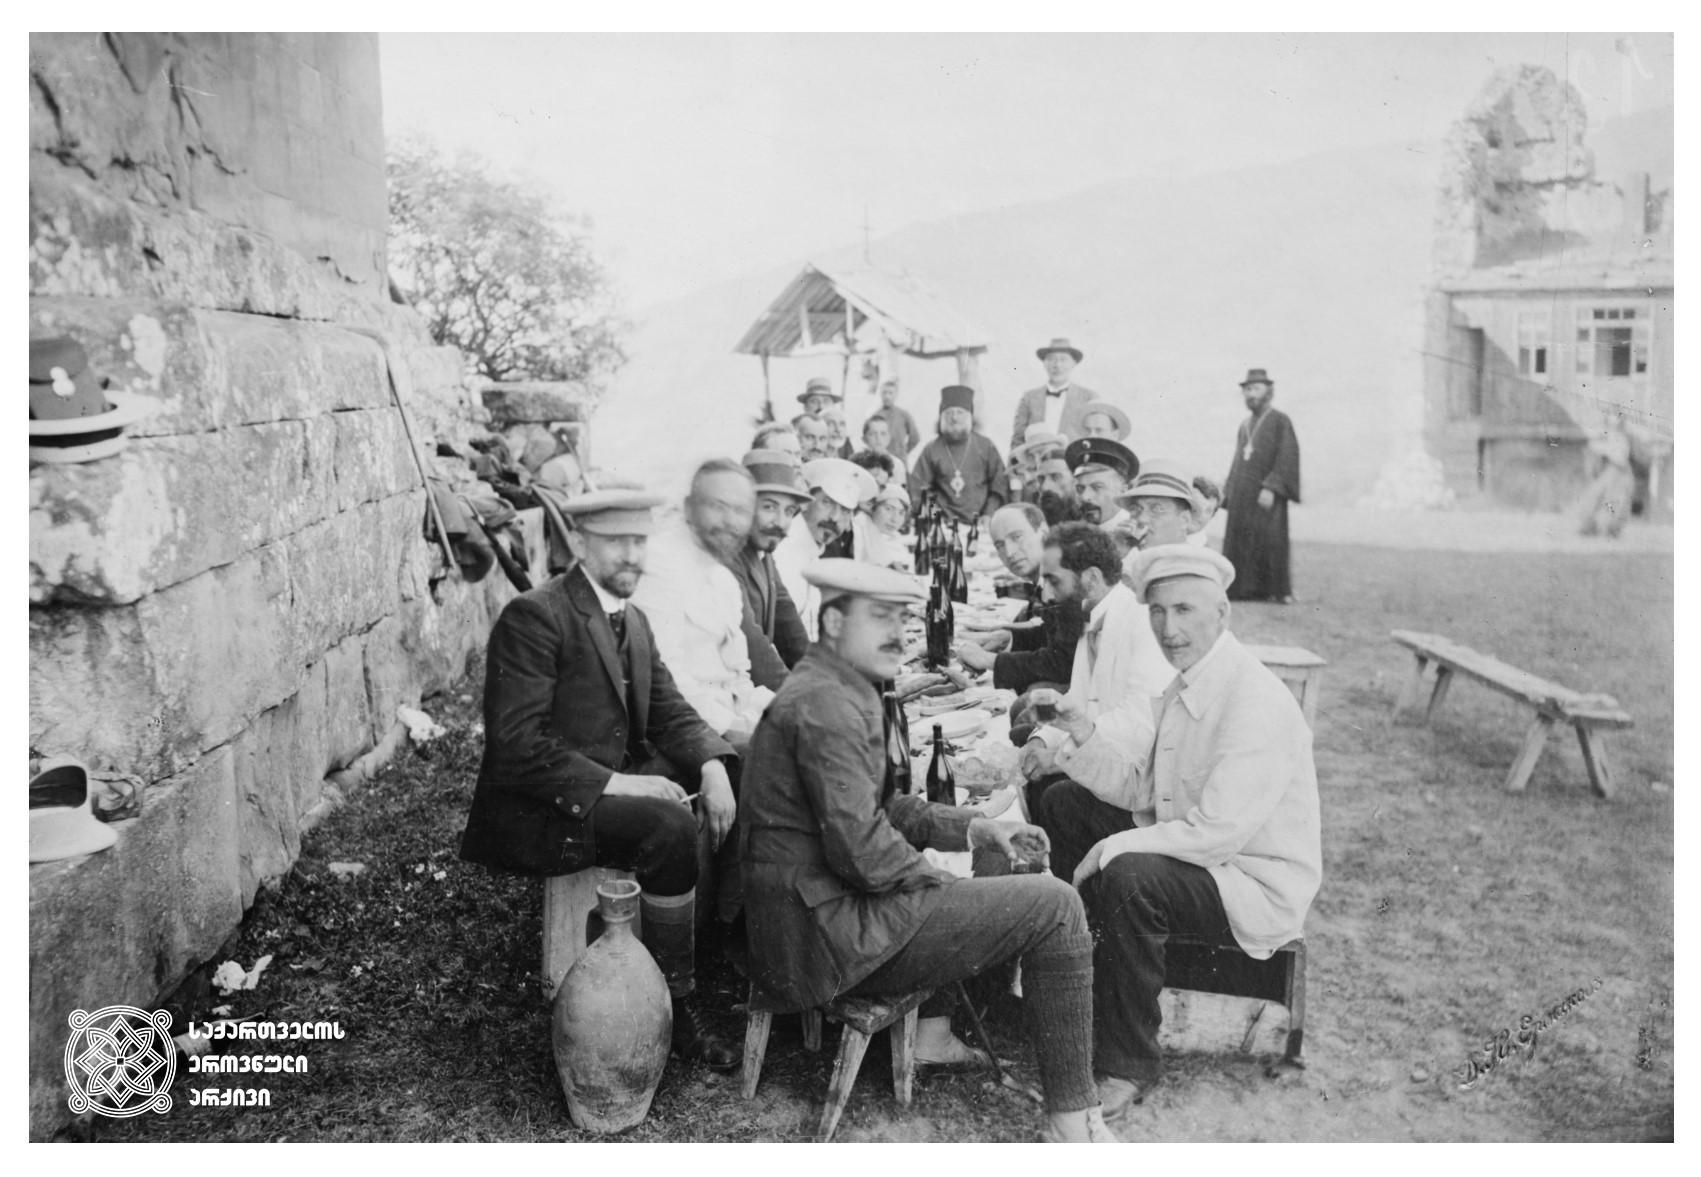 ექვთიმე თაყაიშვილი, სიმონ კლდიაშვილი, ჰენრიხ ჰრინევსკი და სხვები; 1912 წელი  <br> Ekvtime Takaishvili, Simon Kldiashvili, Henrik Hrinevski and others; 1912 წელი